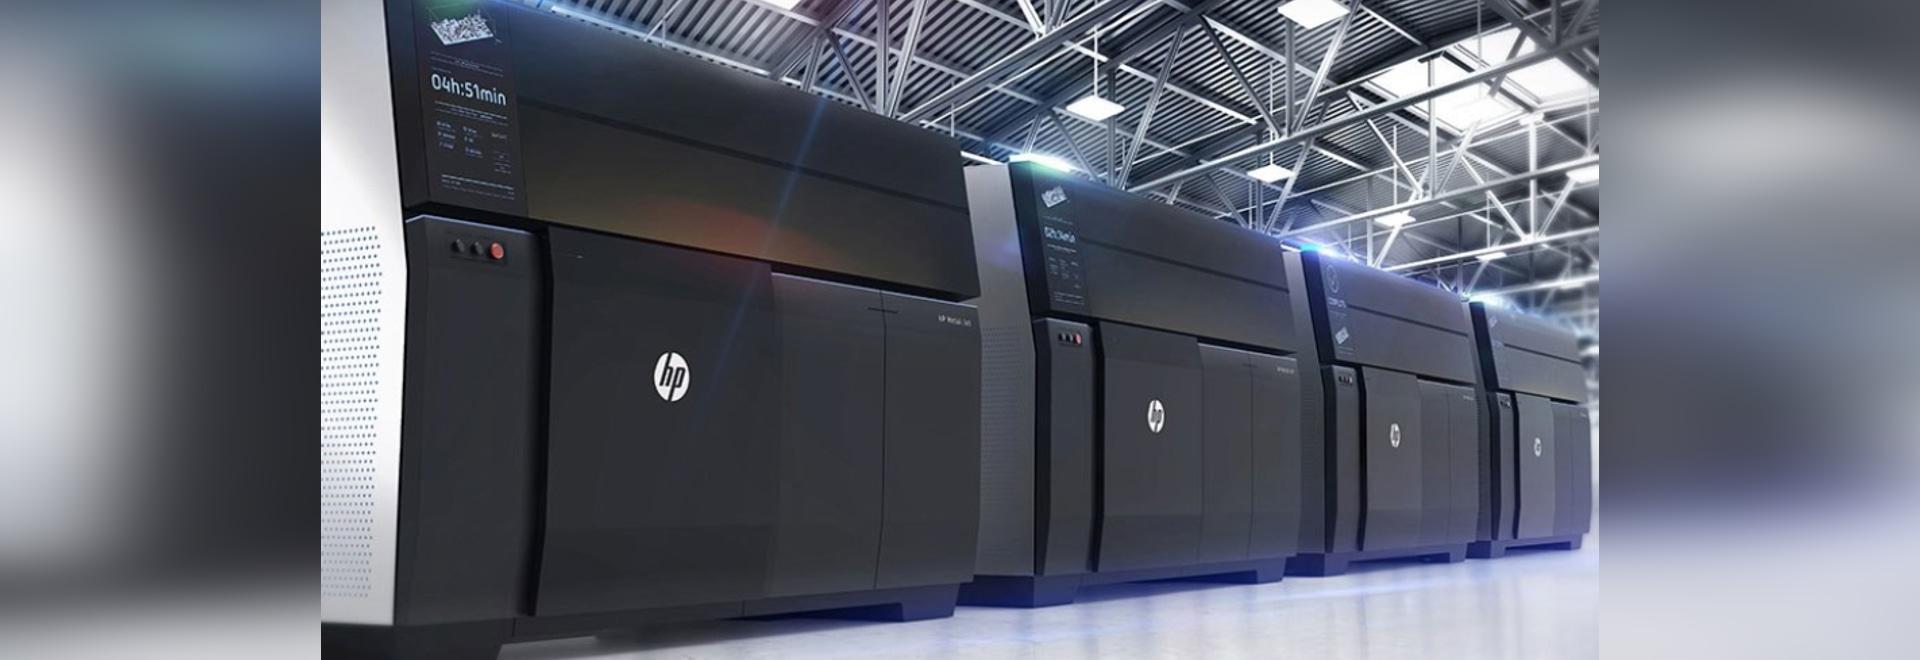 HP METAL JET. REINVENT OPPORTUNITIES